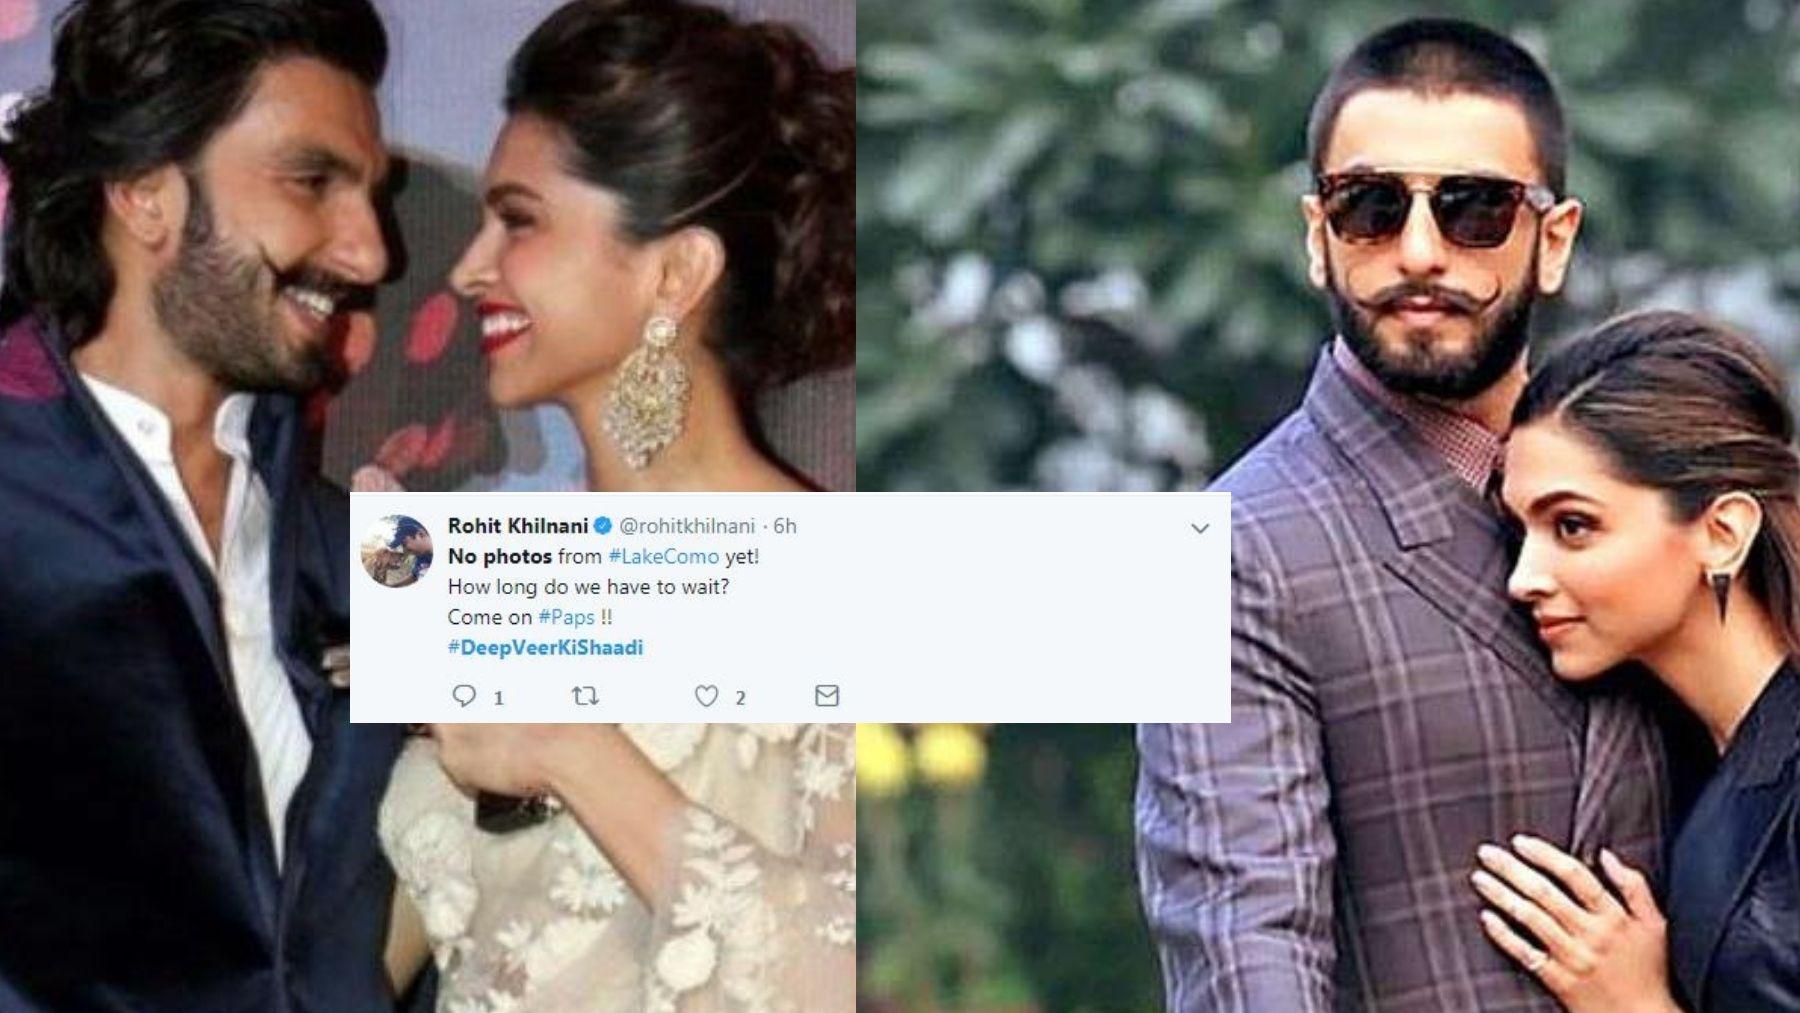 दीपिका-रणवीर की शादी का सबूत नहीं, फैन्स हुए परेशान!